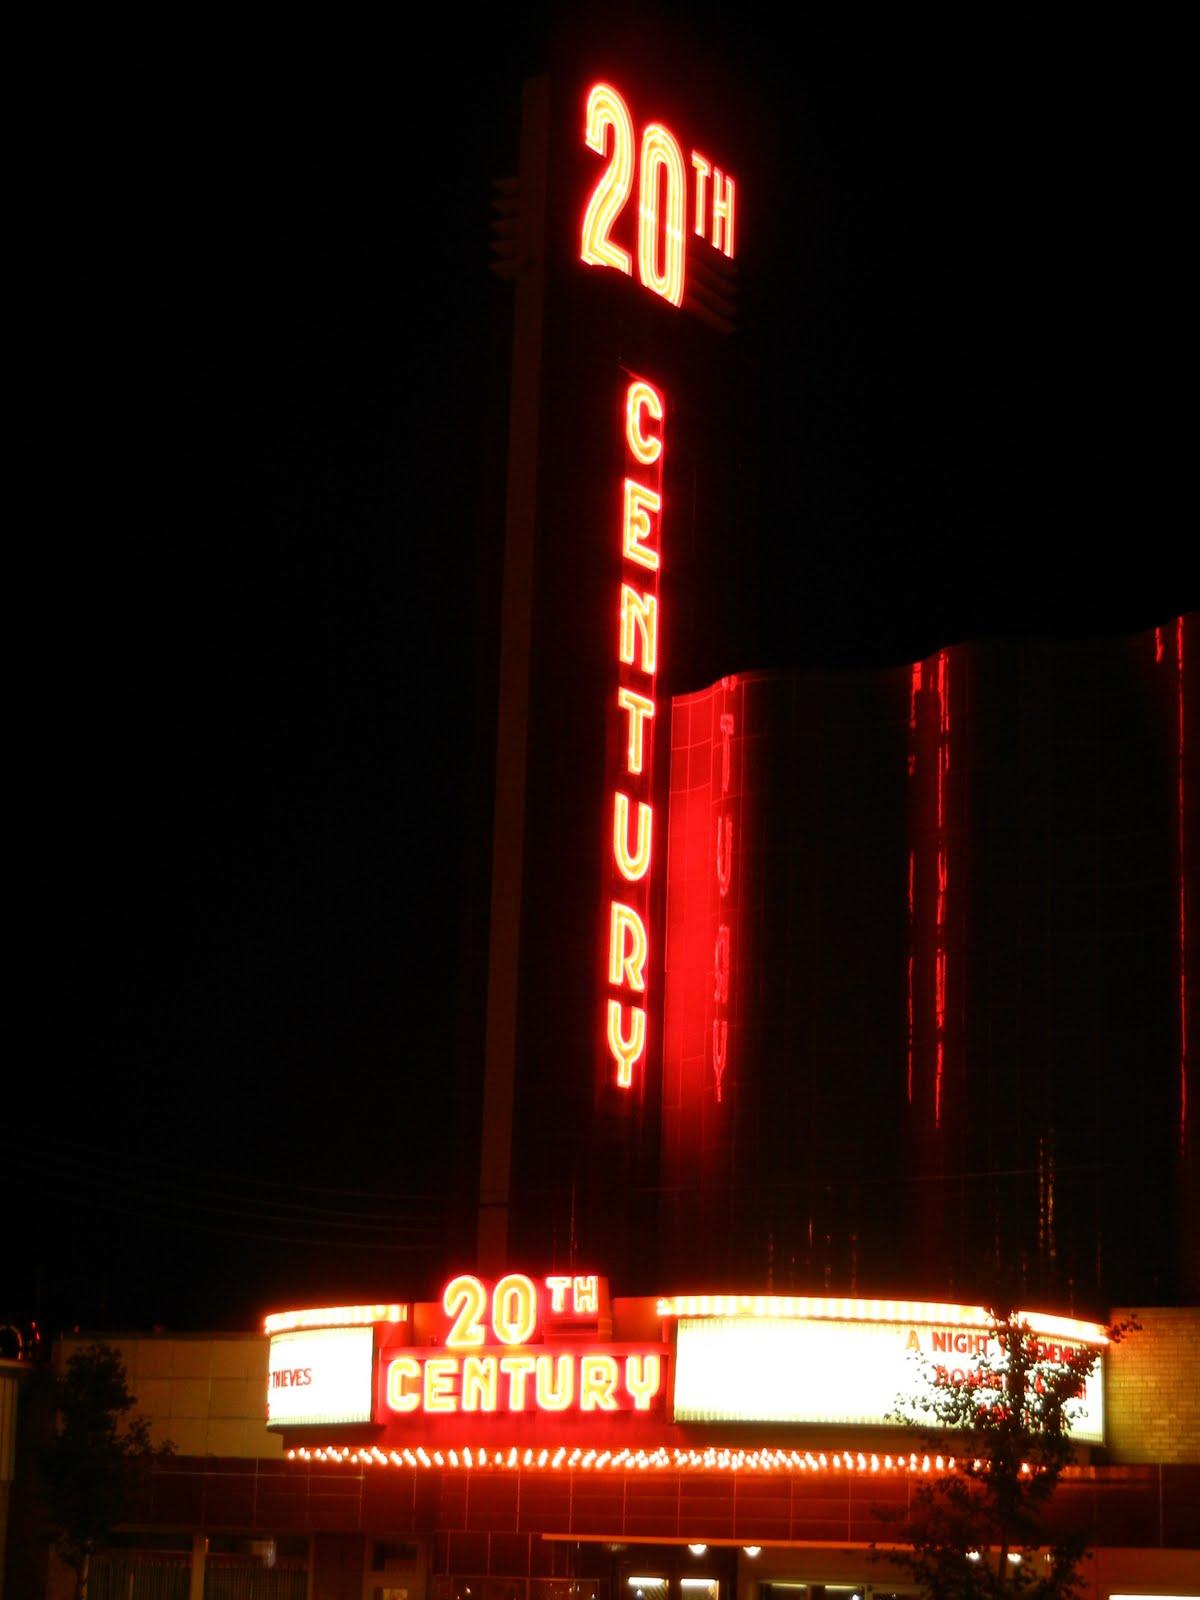 Queen City Tour: 20th Century Theatre